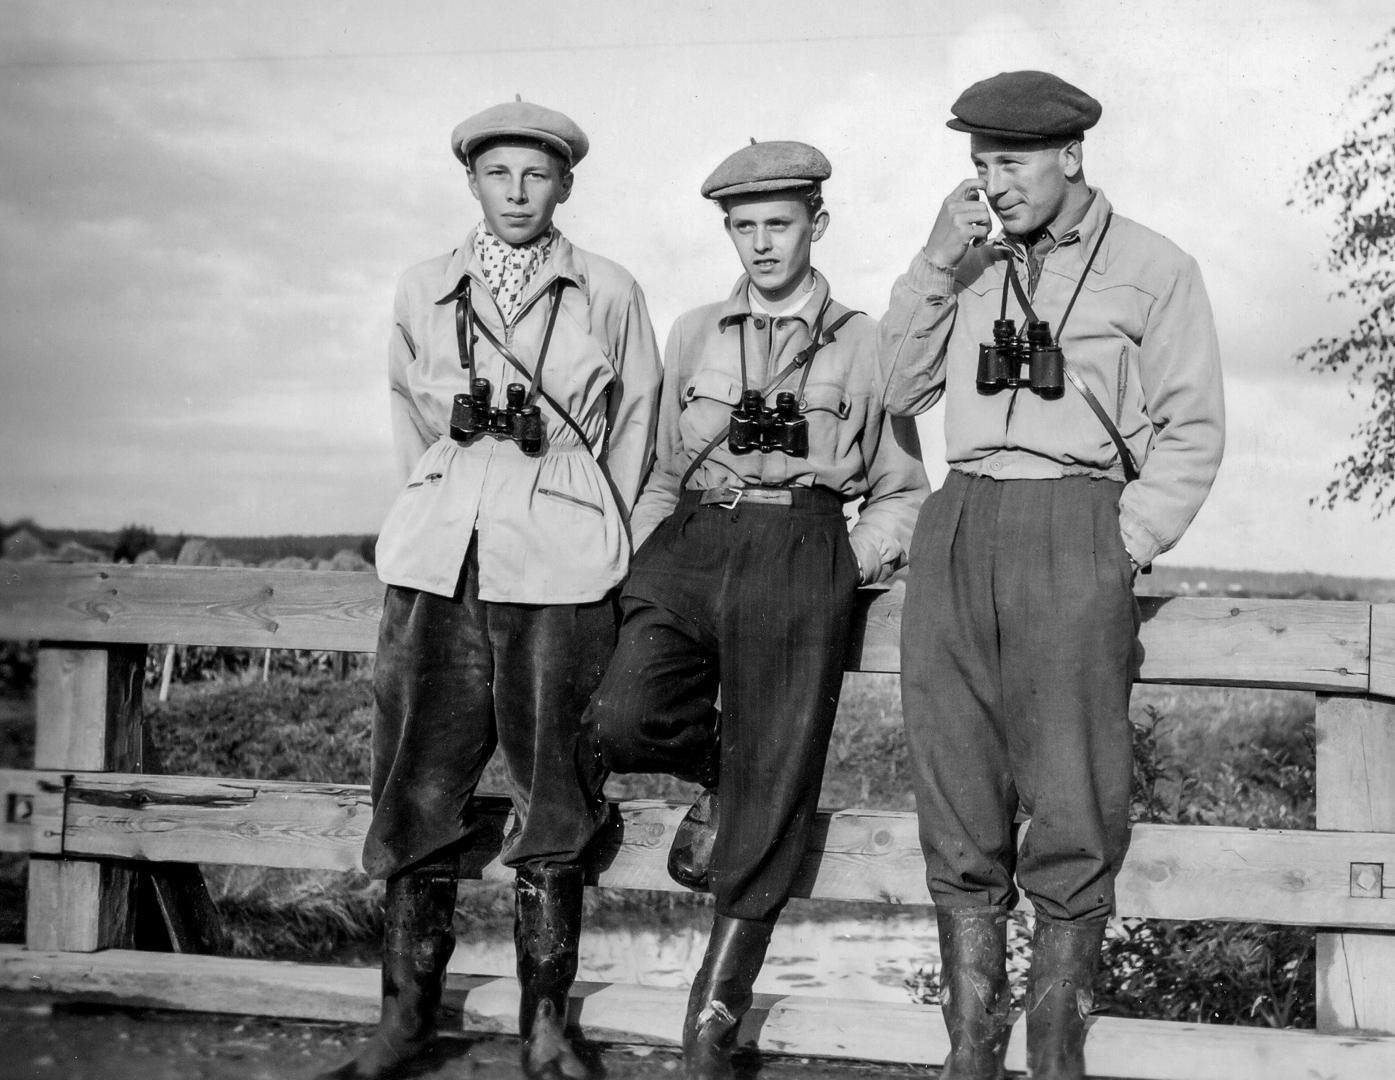 Linturetkellä 1954 Porin Luotsinmäellä Arvo Tuominen, Ilkka Lilja ja Martti Soikkeli. Kuva: Martti Soikkeli